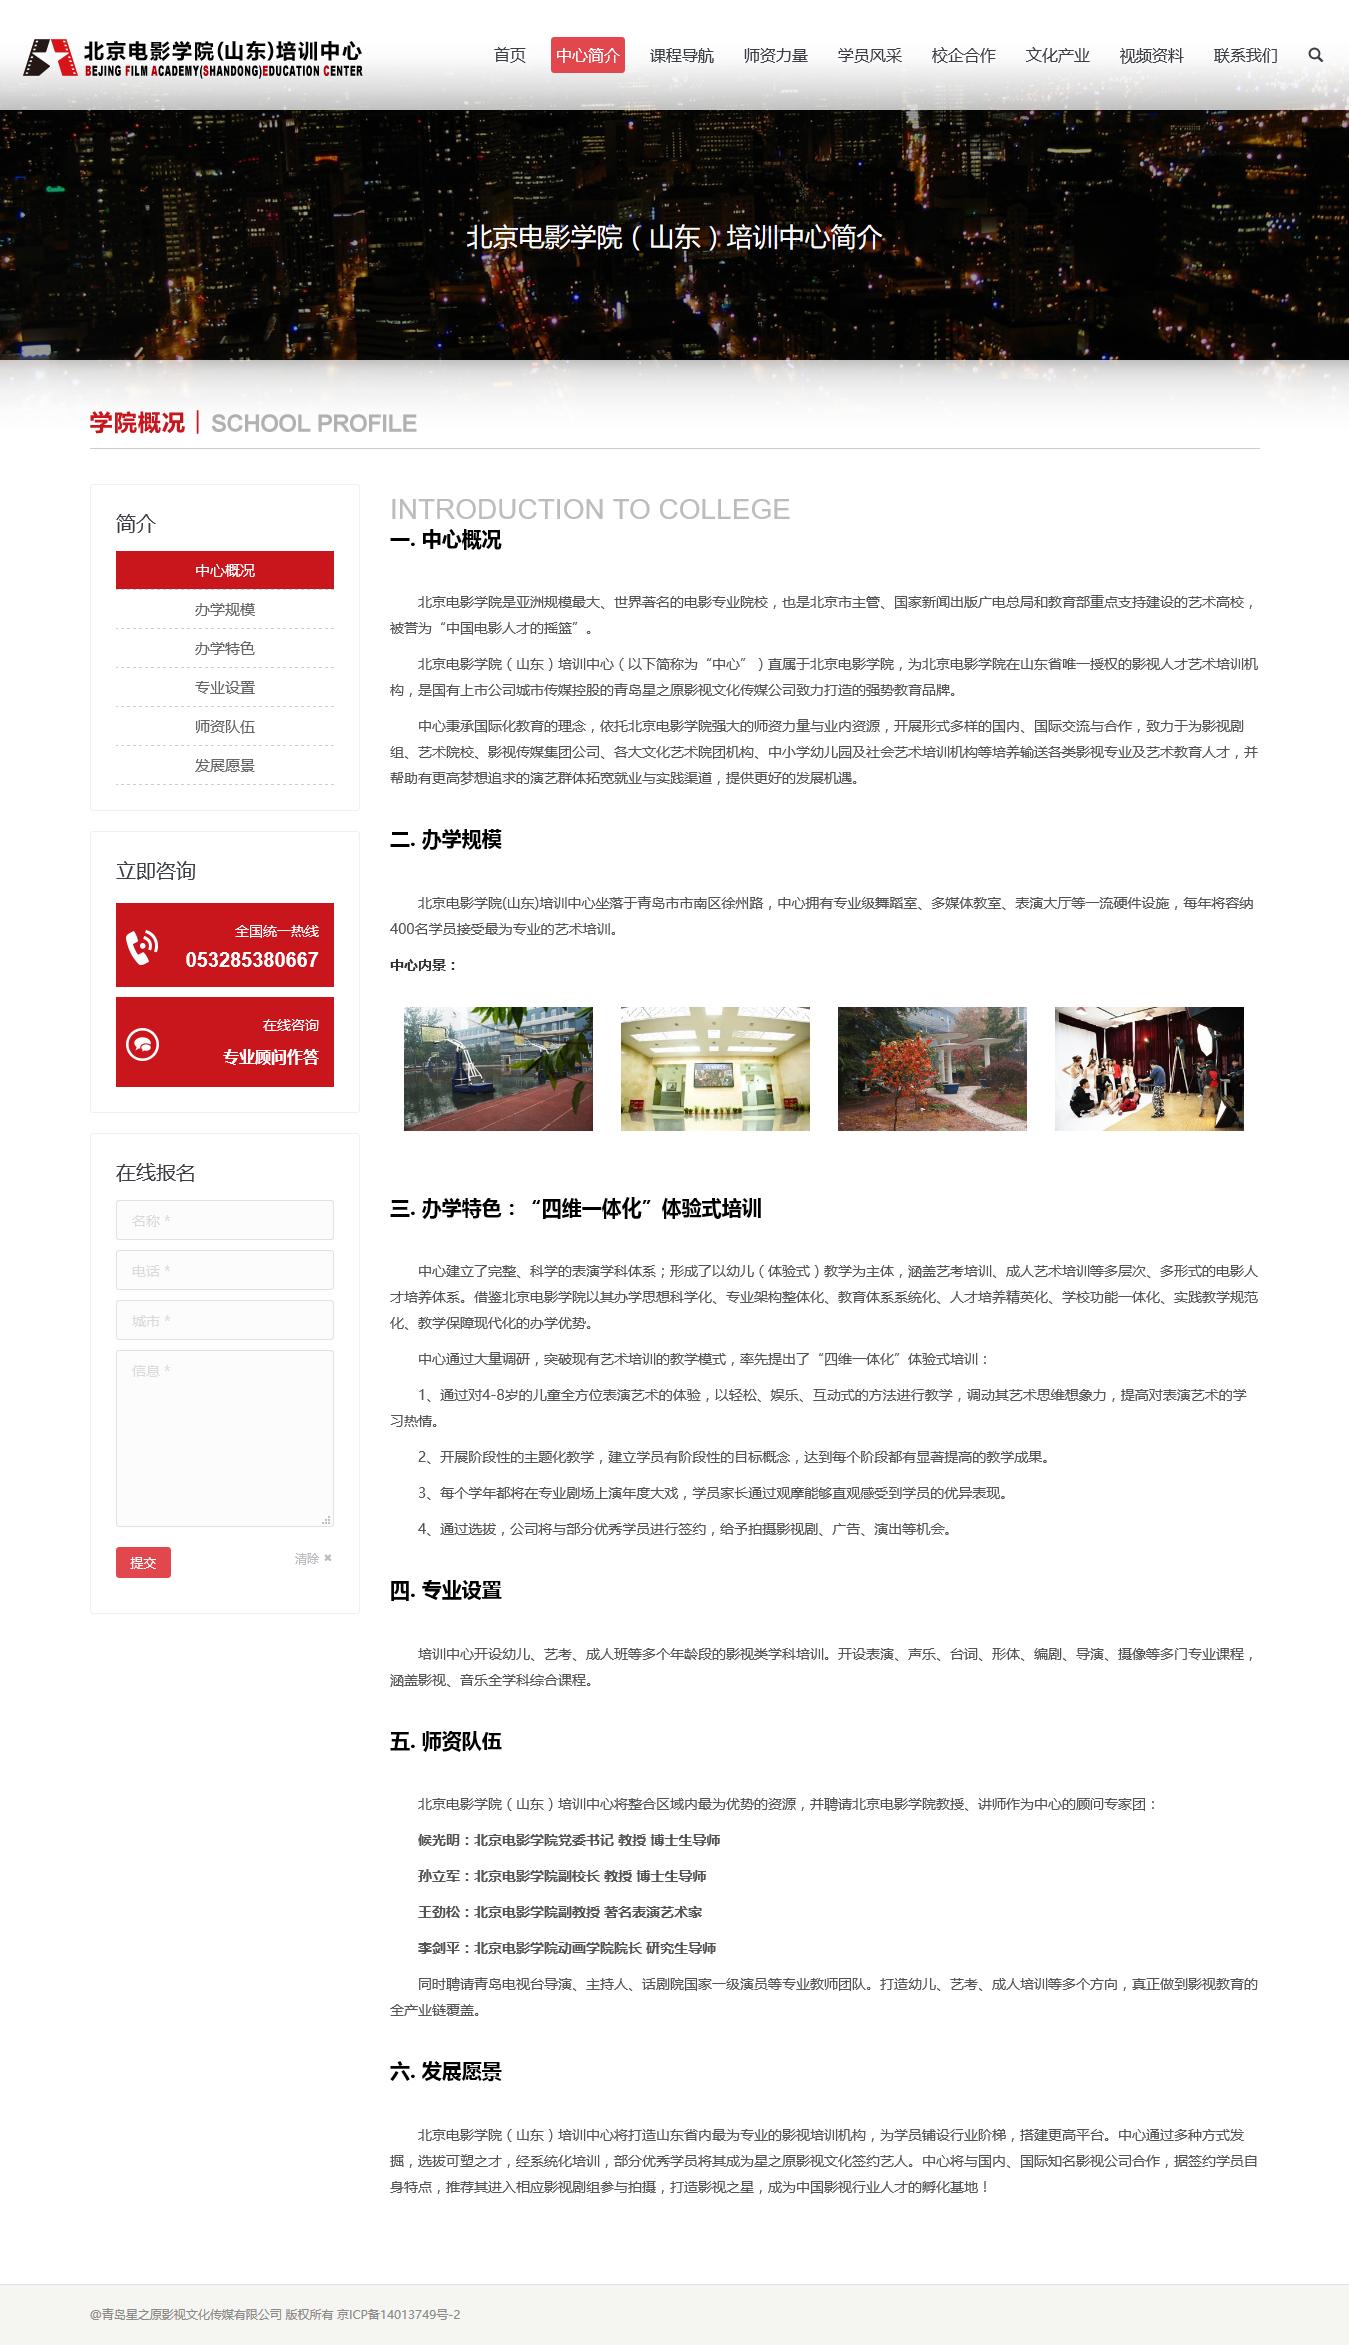 h2 北京电影学院(山东)培训中心